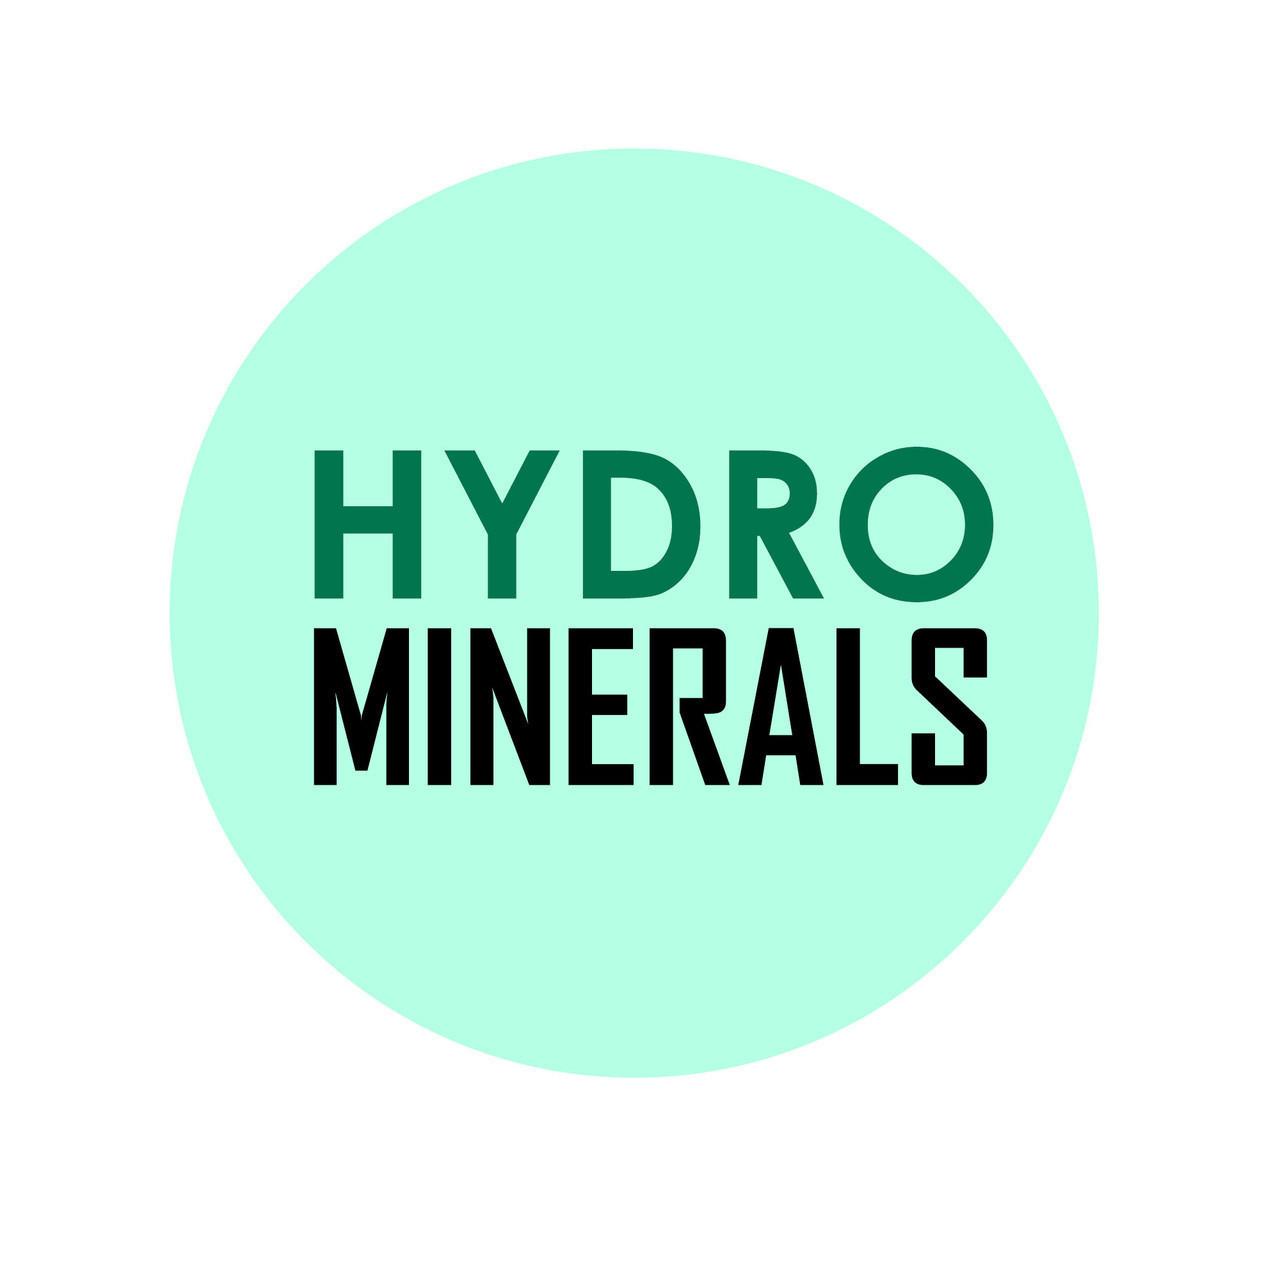 20 л HydroMinerals - добавка для минерализации поливной воды (аналог CALiMAGic от GHE)